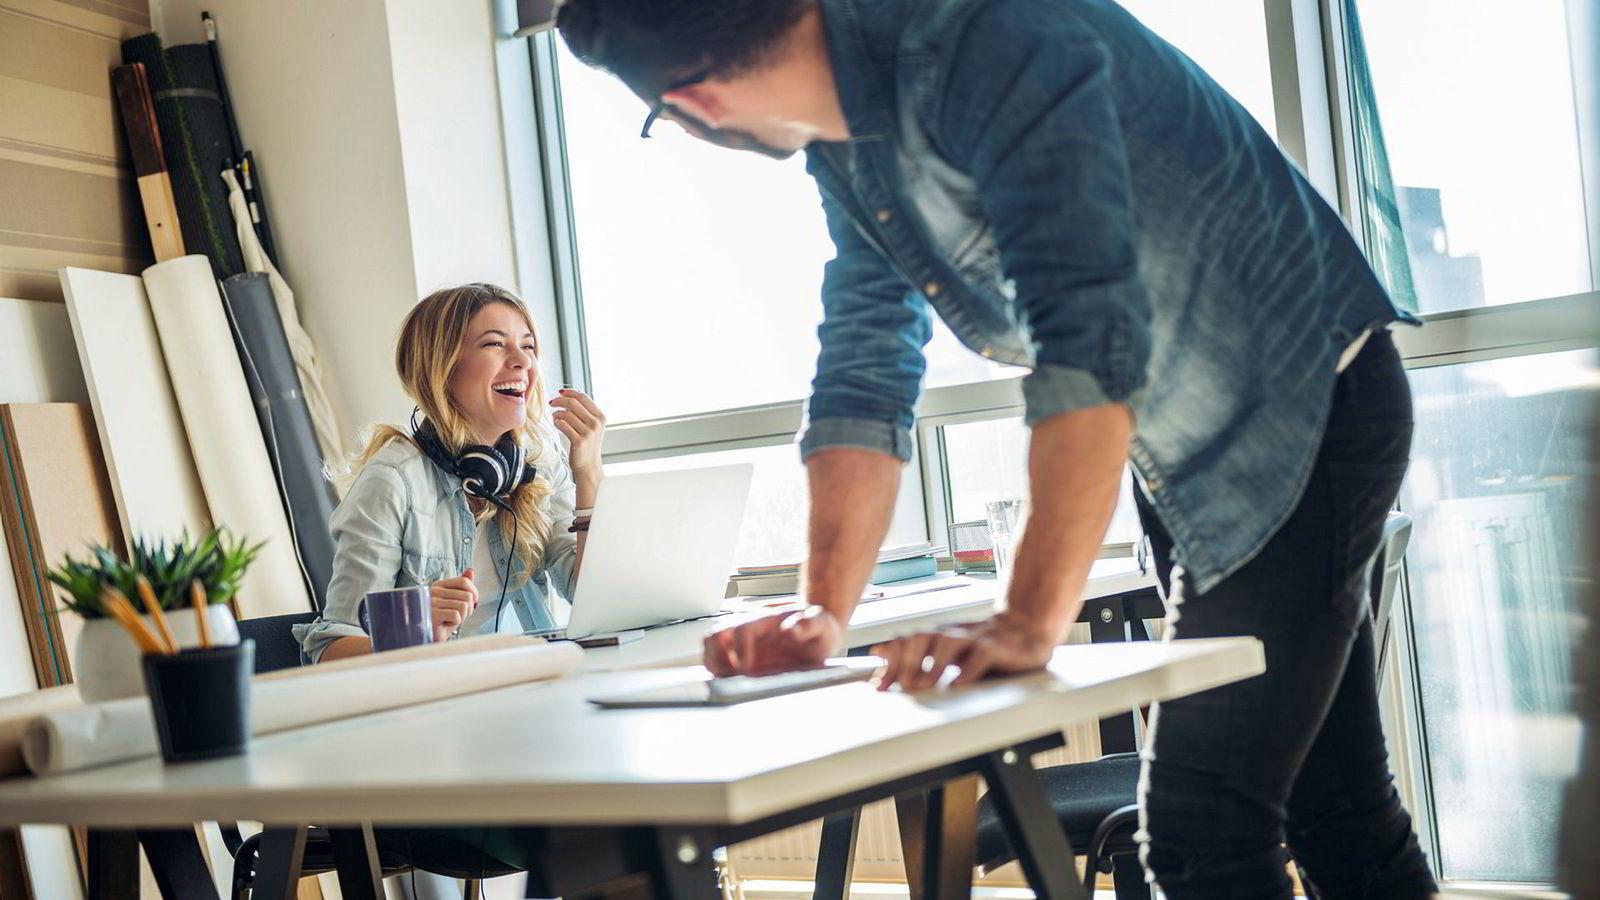 Ved å feire gjennombrudd og dele historier om hva vi har lykkes med, kan vi legge grunnlag for å ha det morsommere og få til mer sammen på jobb.